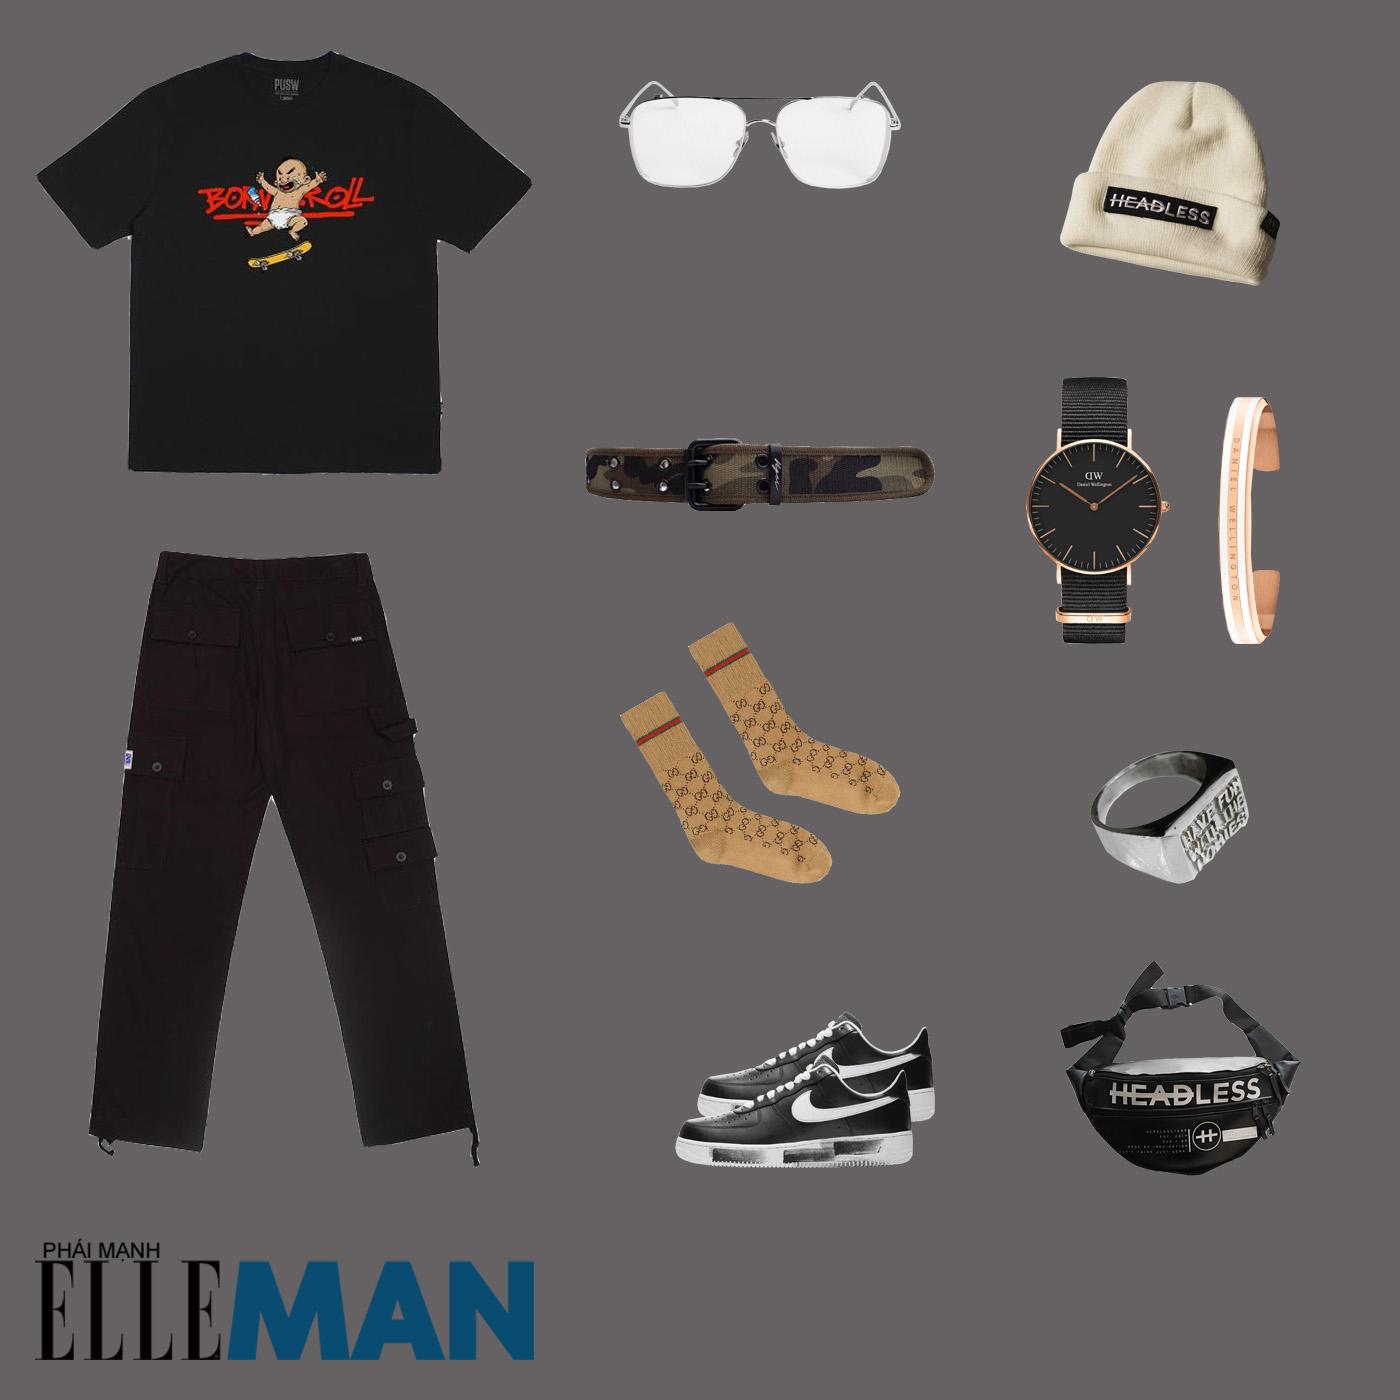 outfit 1 - phối đồ với áo thun local brand